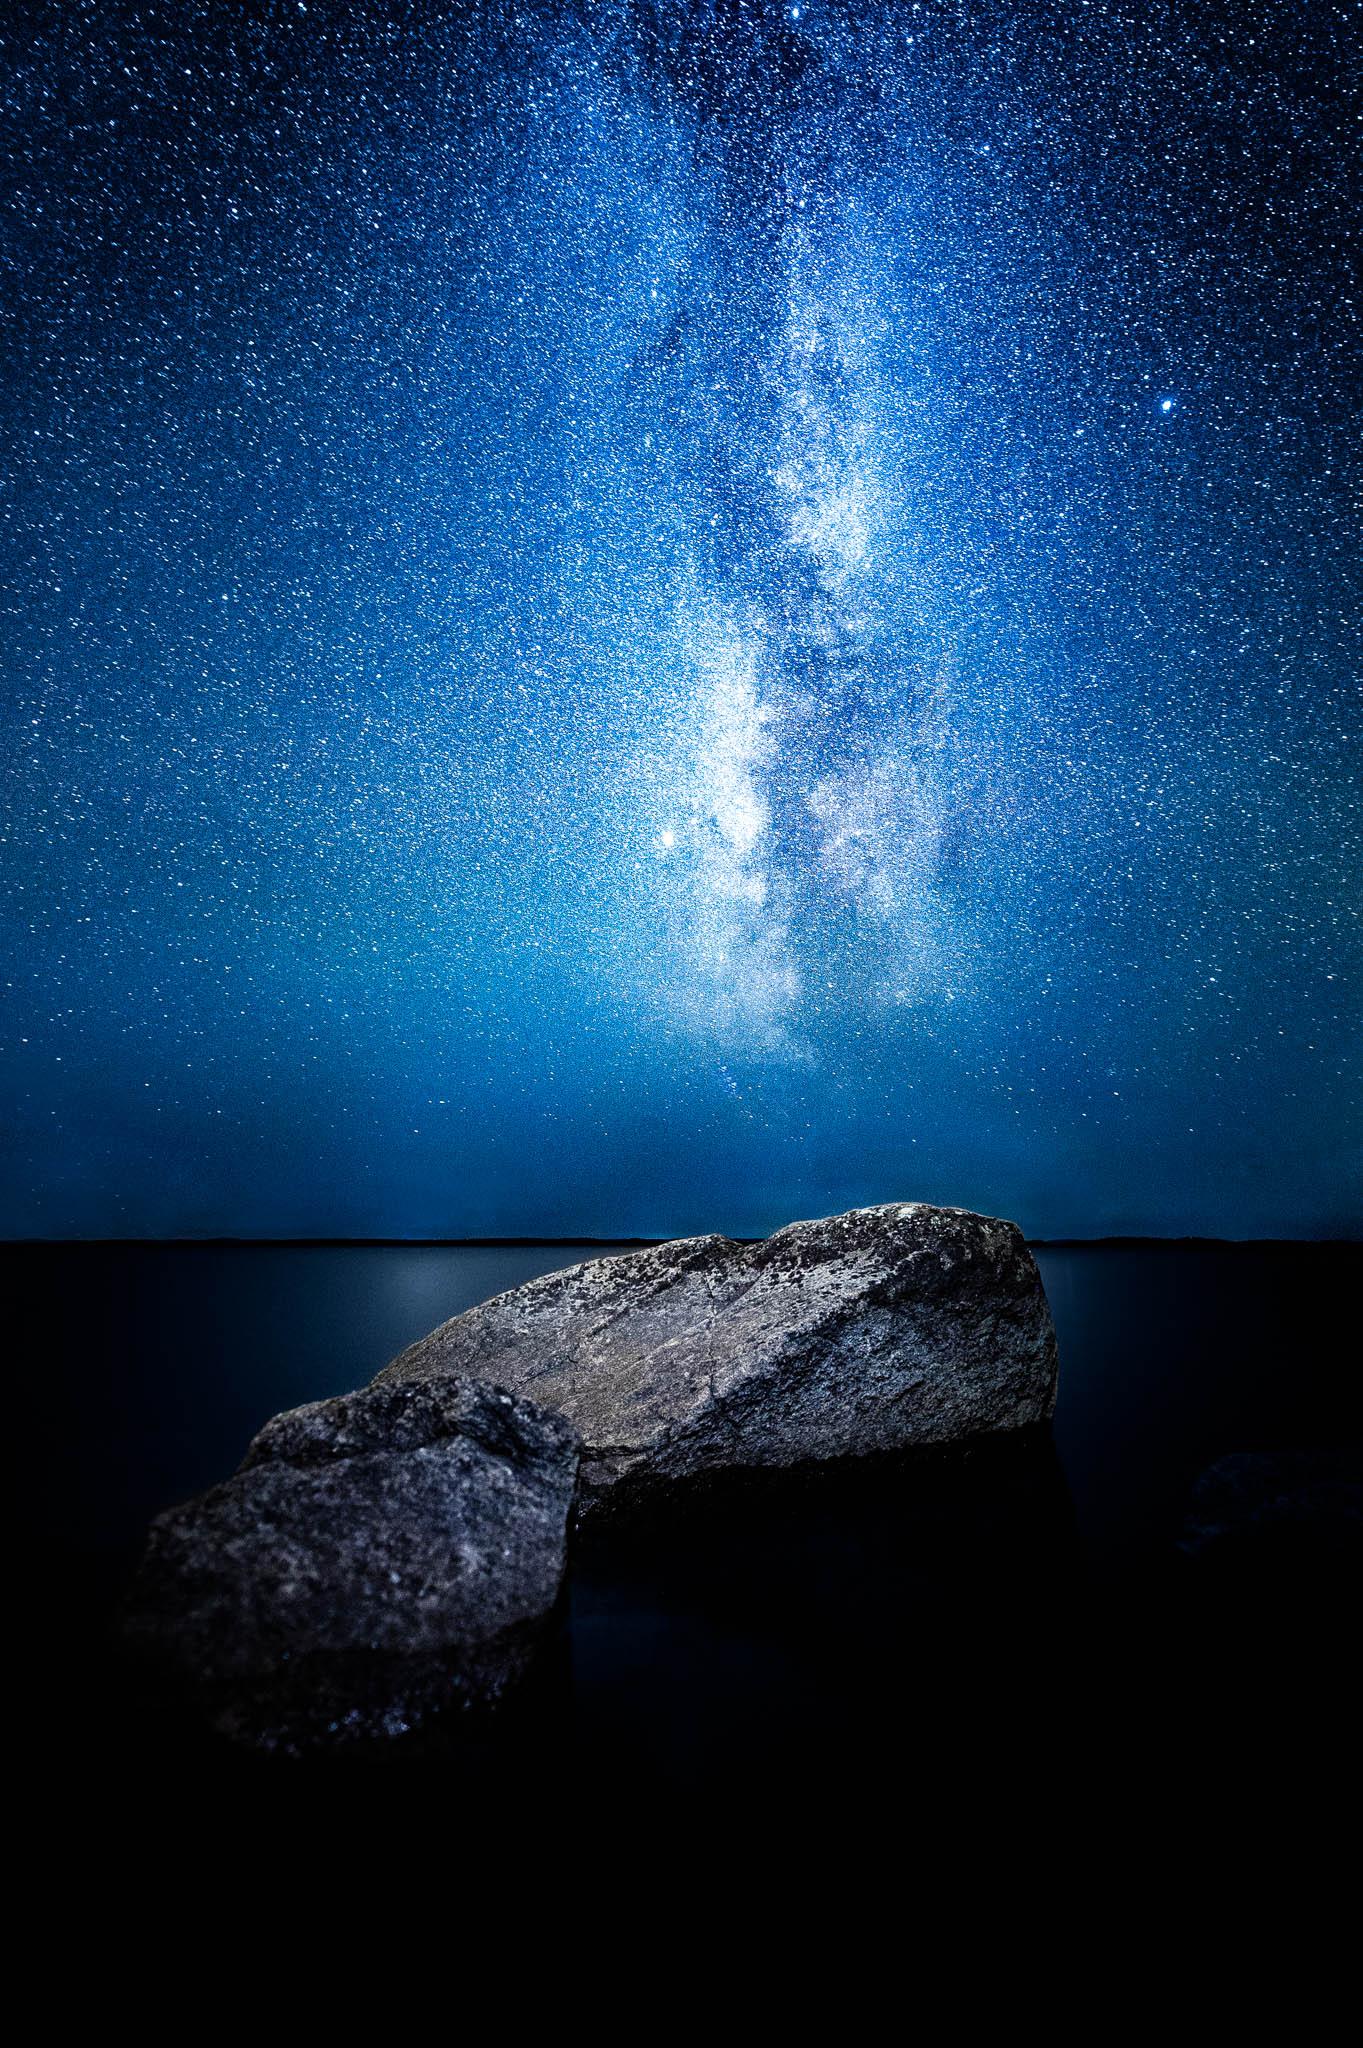 Tähtiä-49-Edit-Edit.jpg